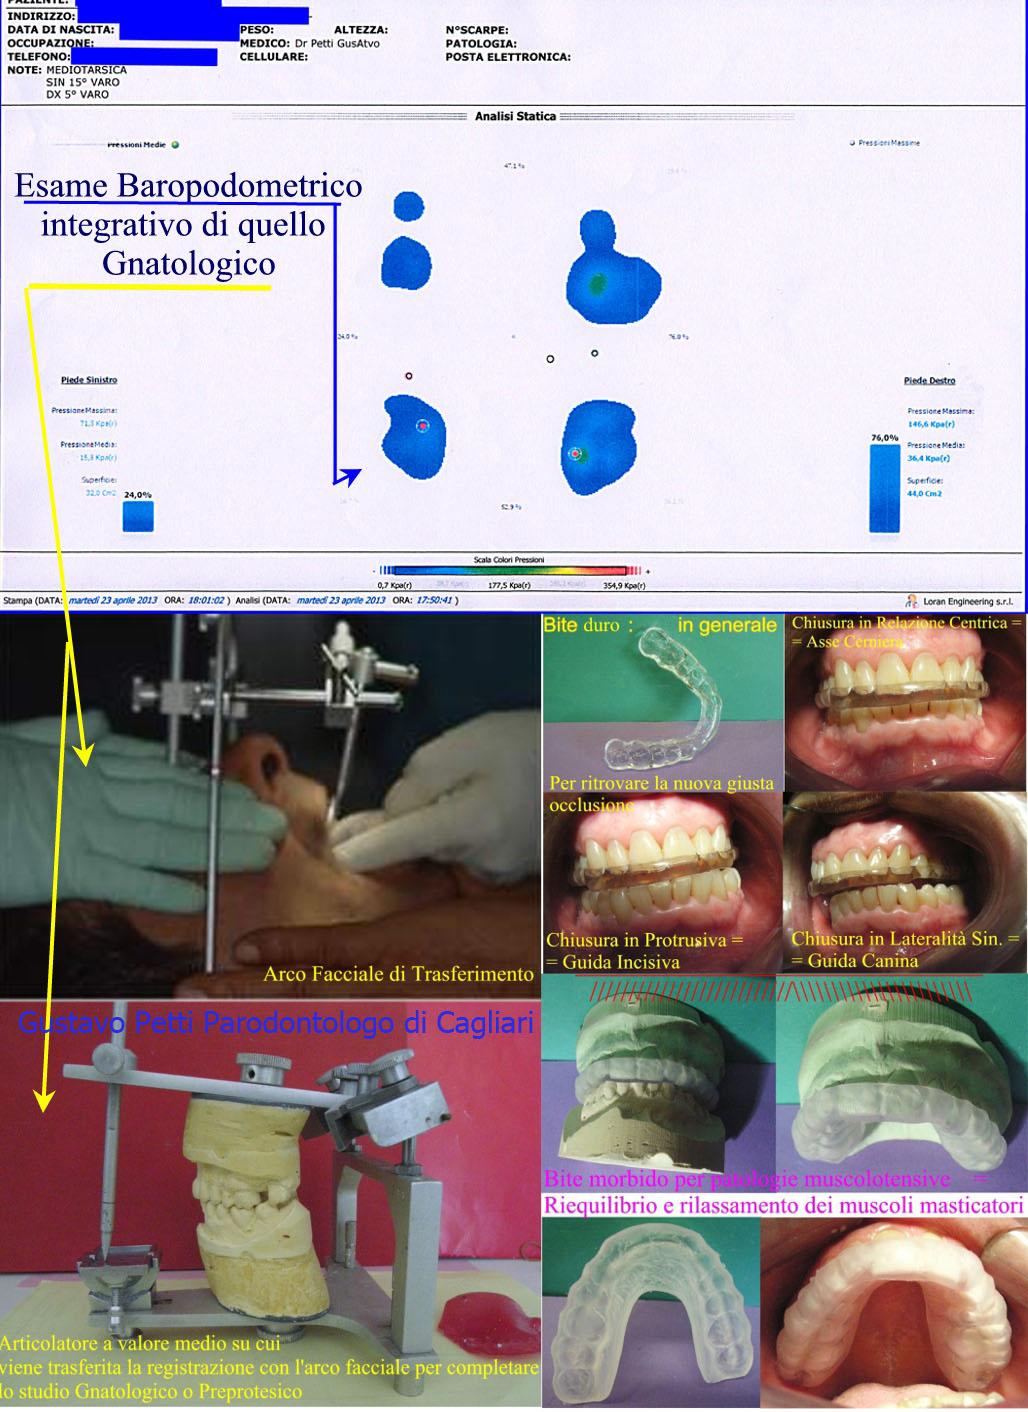 gnatologia-dr-g.petti-cagliari-295.jpg